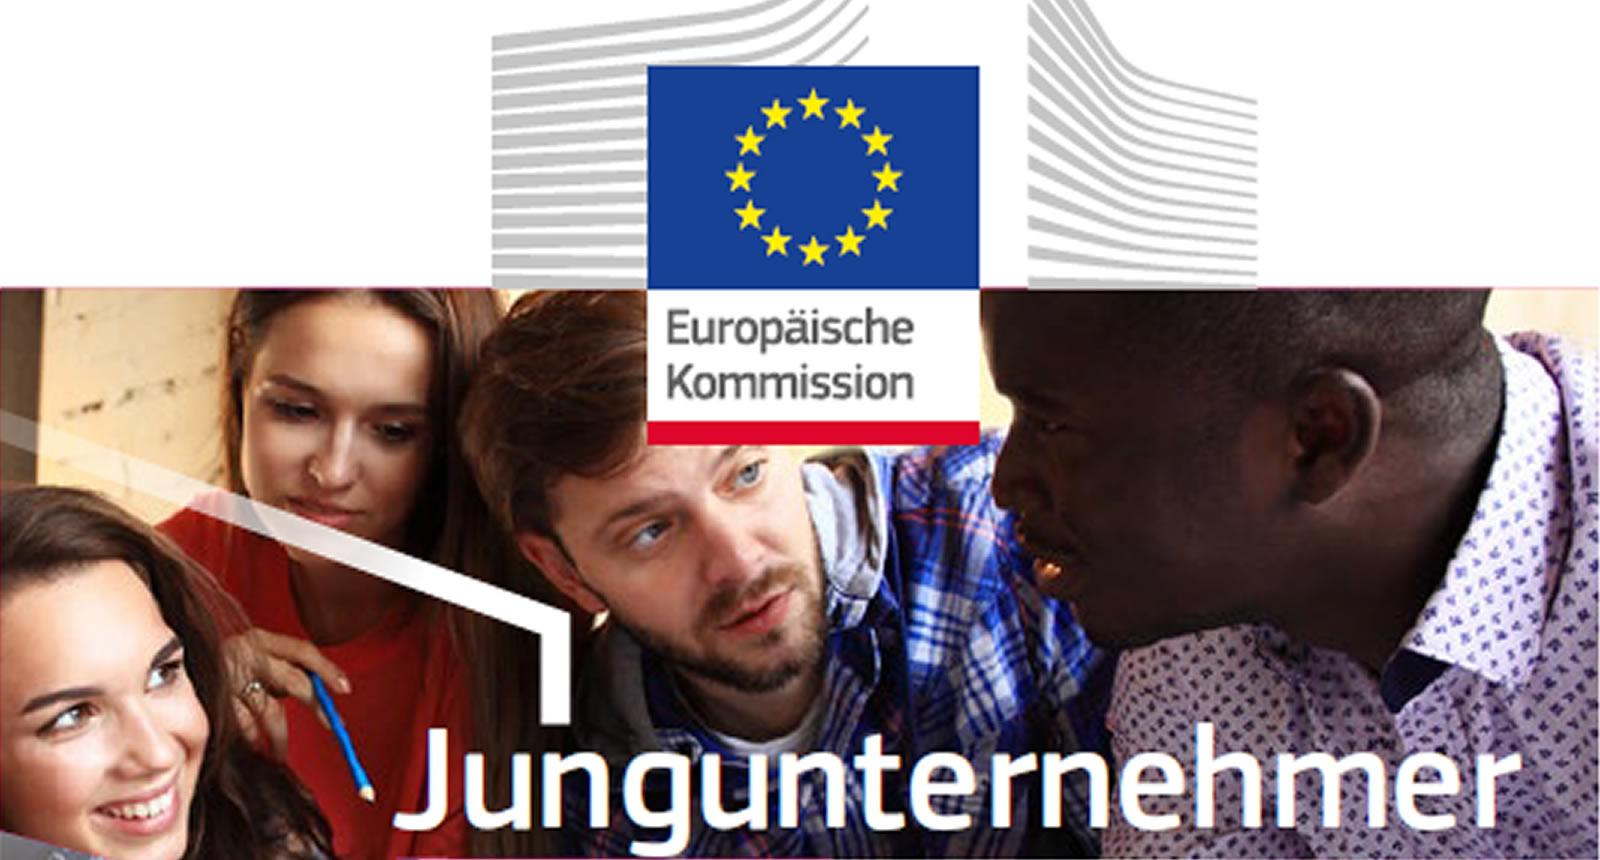 Europäisches Förderprogramm für Jungunternehmer